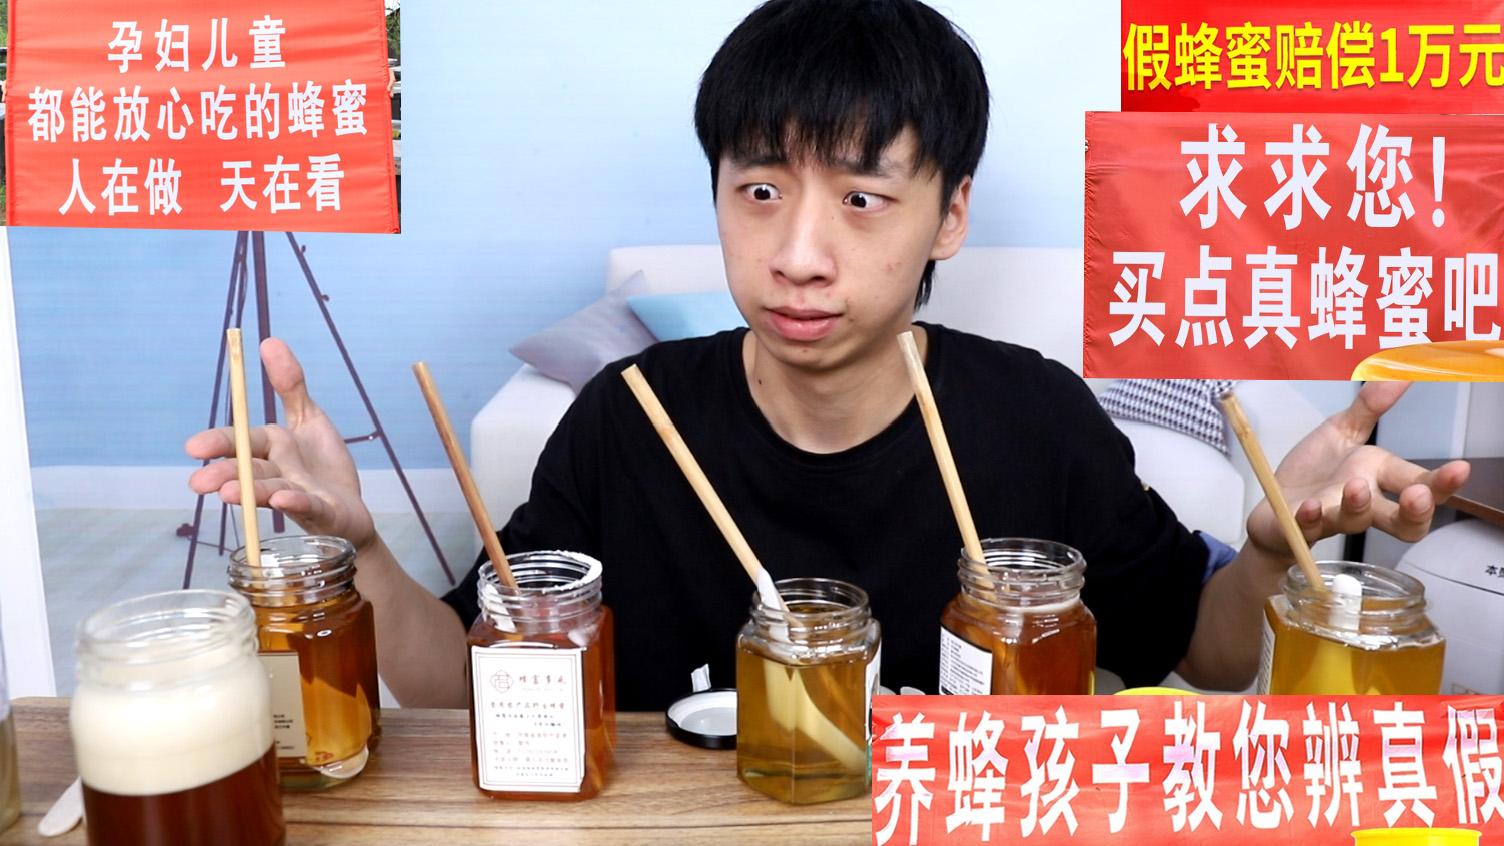 网上卖的号称真蜂蜜的蜂蜜是真的吗?帅小伙买来蜂农的蜂蜜对比